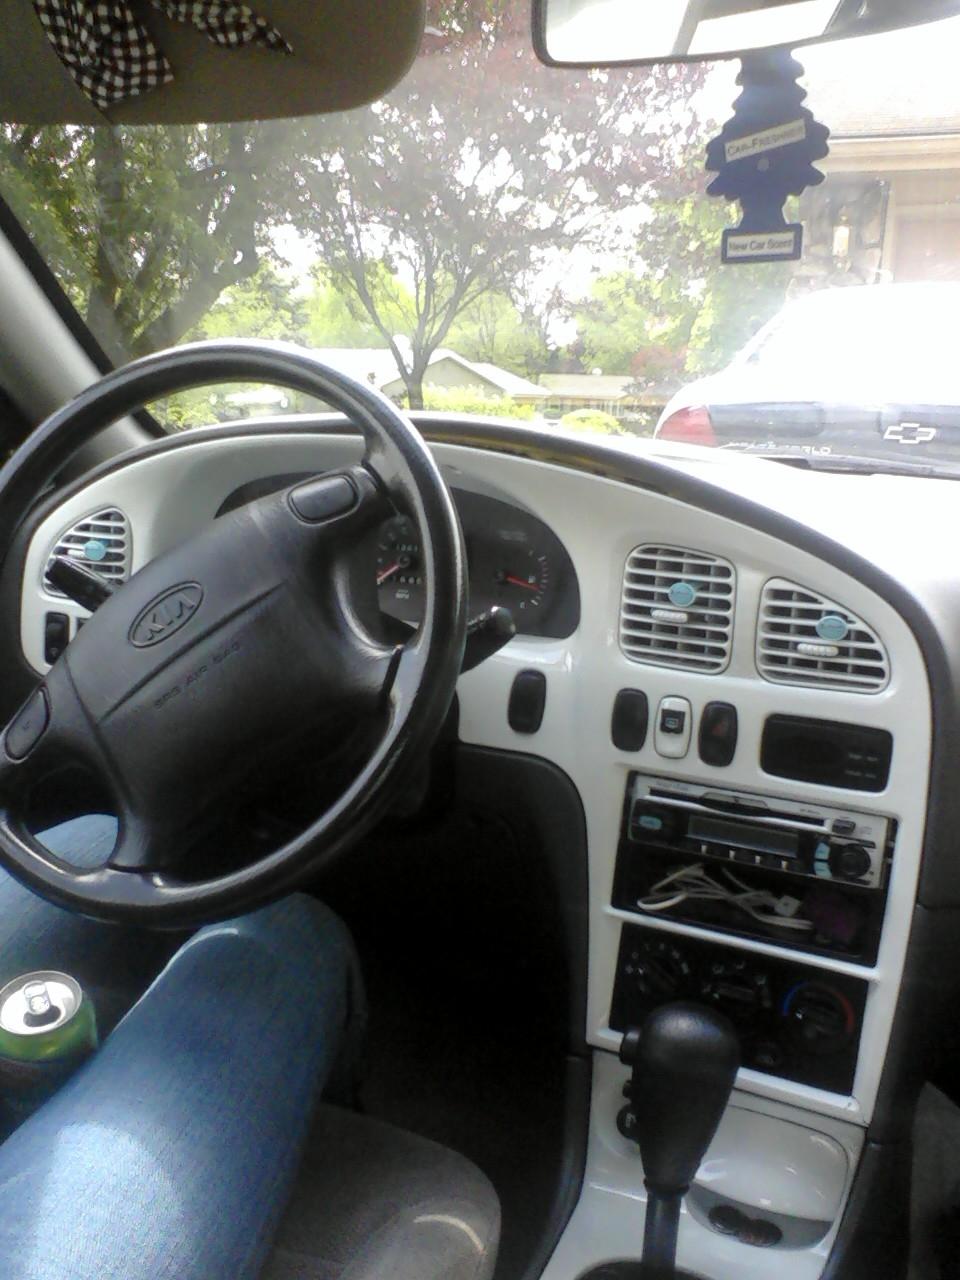 Kia Sephia II 1997 - 2001 Sedan #5